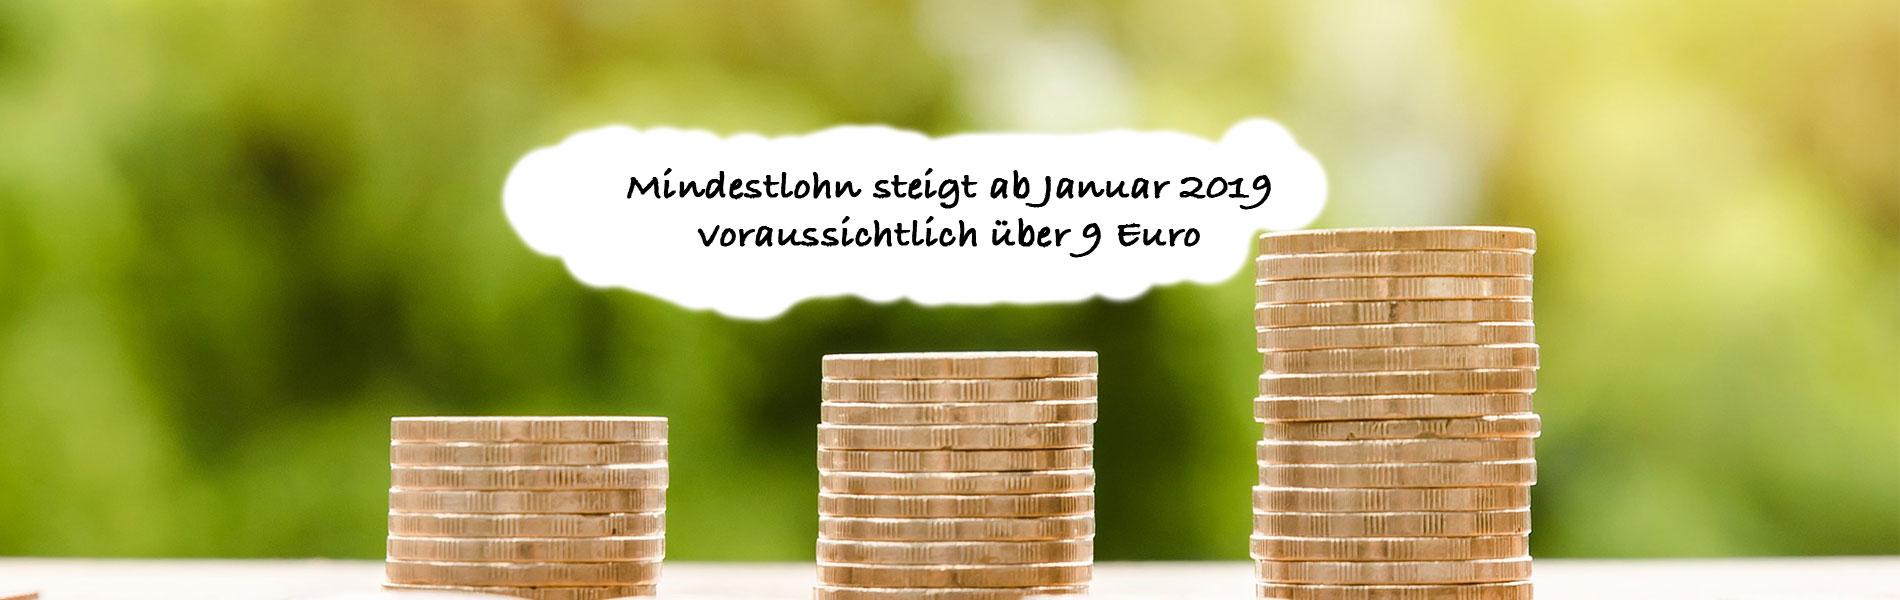 Gesetzlicher Mindestlohn steigt voraussichtlich im Januar 2019 über neun Euro